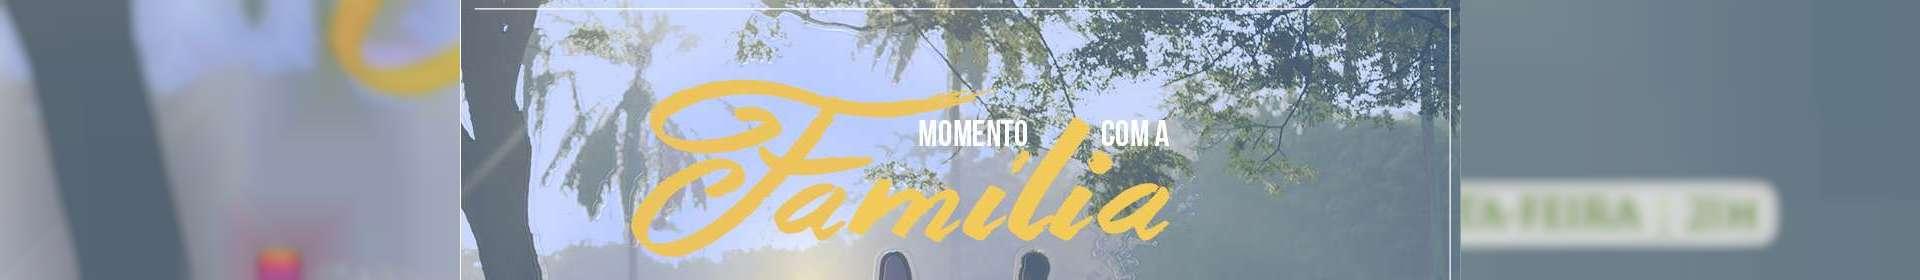 Momento com a Família exibido no dia 15/05/2020